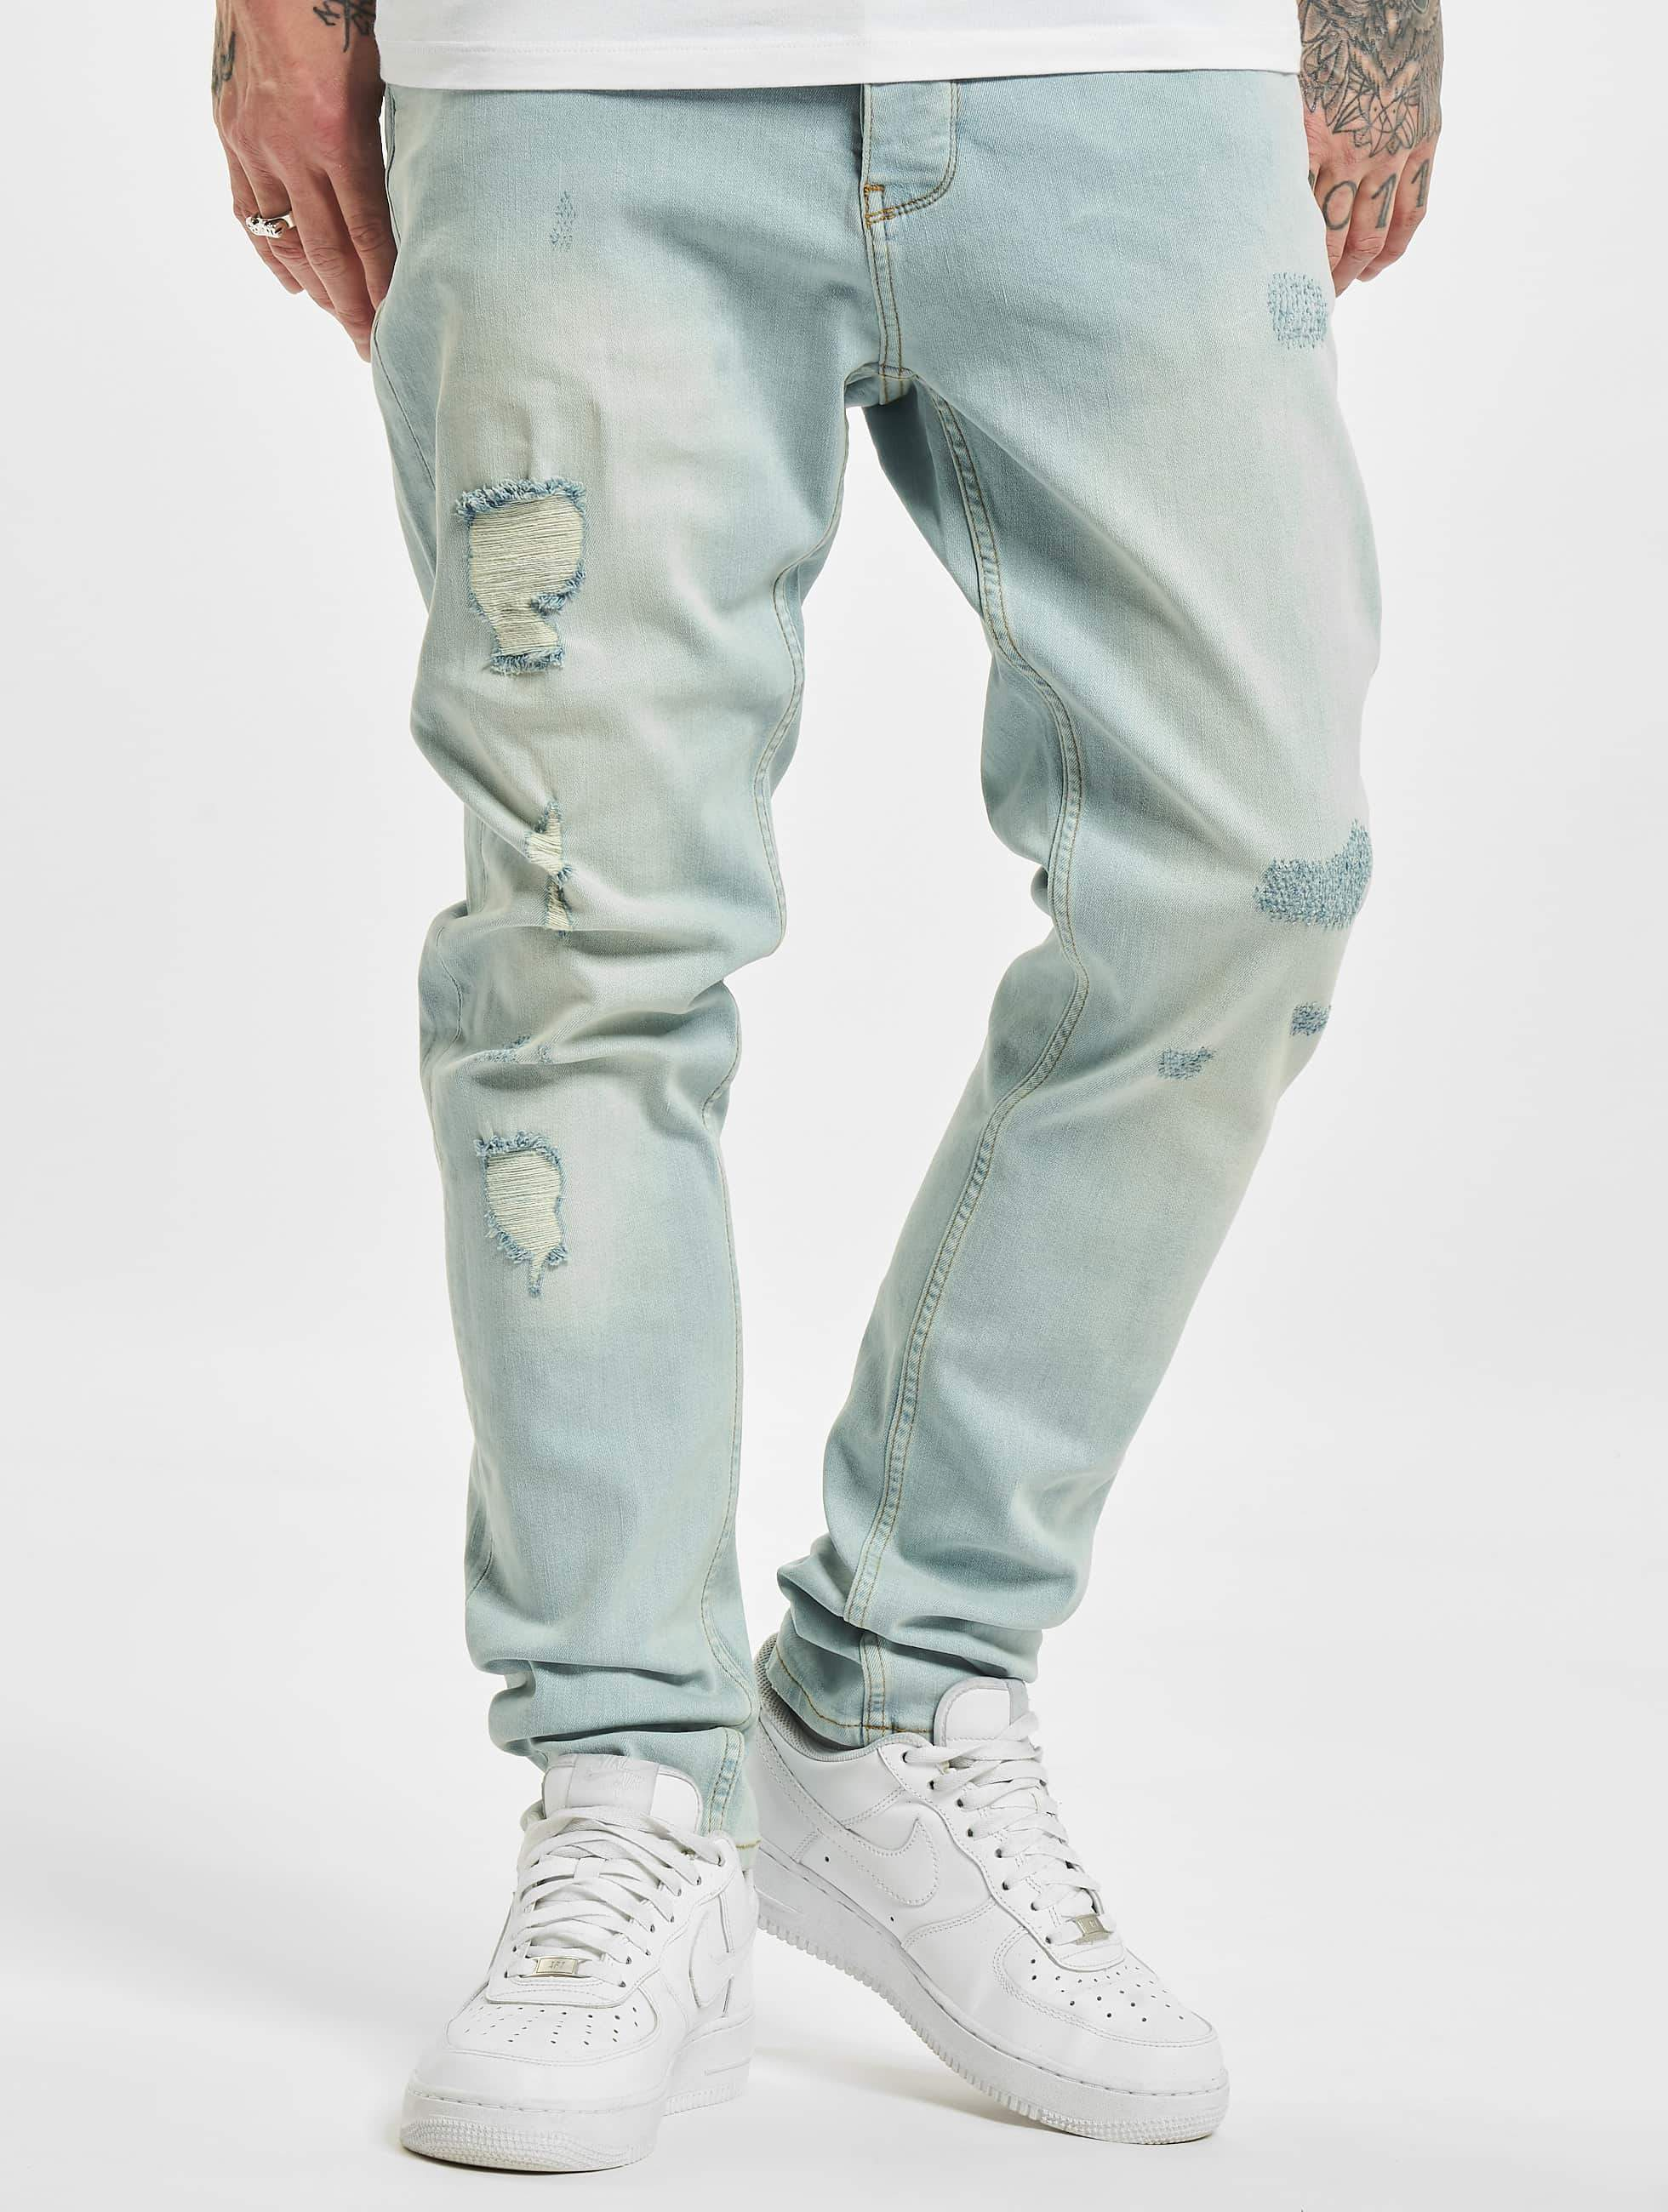 a8528a45941cc DEF Antoine Antifit Jeans Light Blue Denim